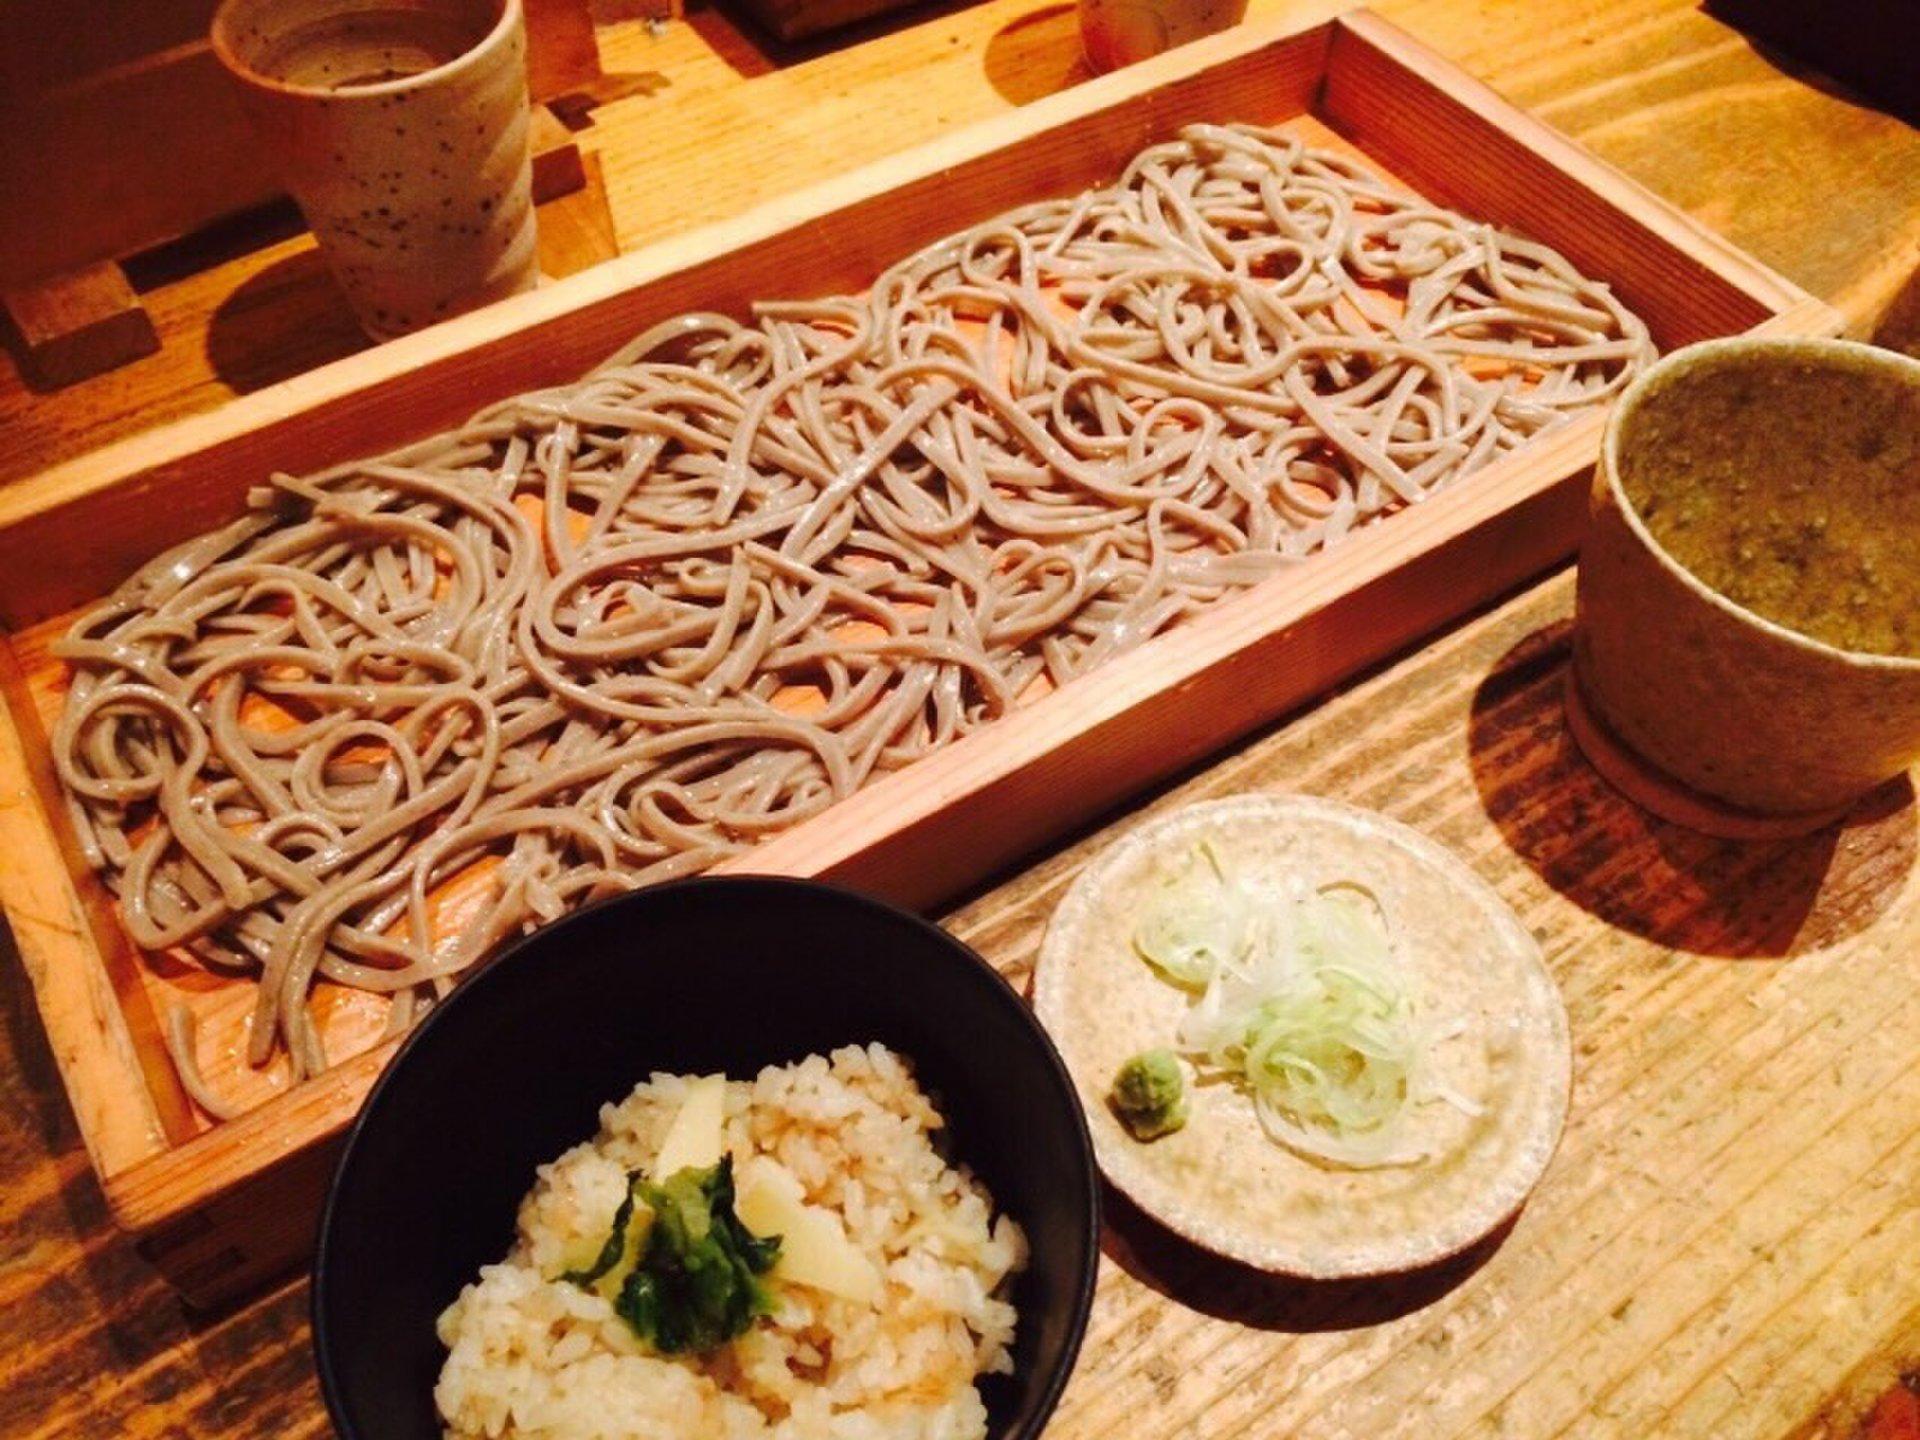 【恵比寿でランチそば女子会♡】恵比寿一おいしいそば屋『香り屋』で、そばをおいしく堪能するん♪